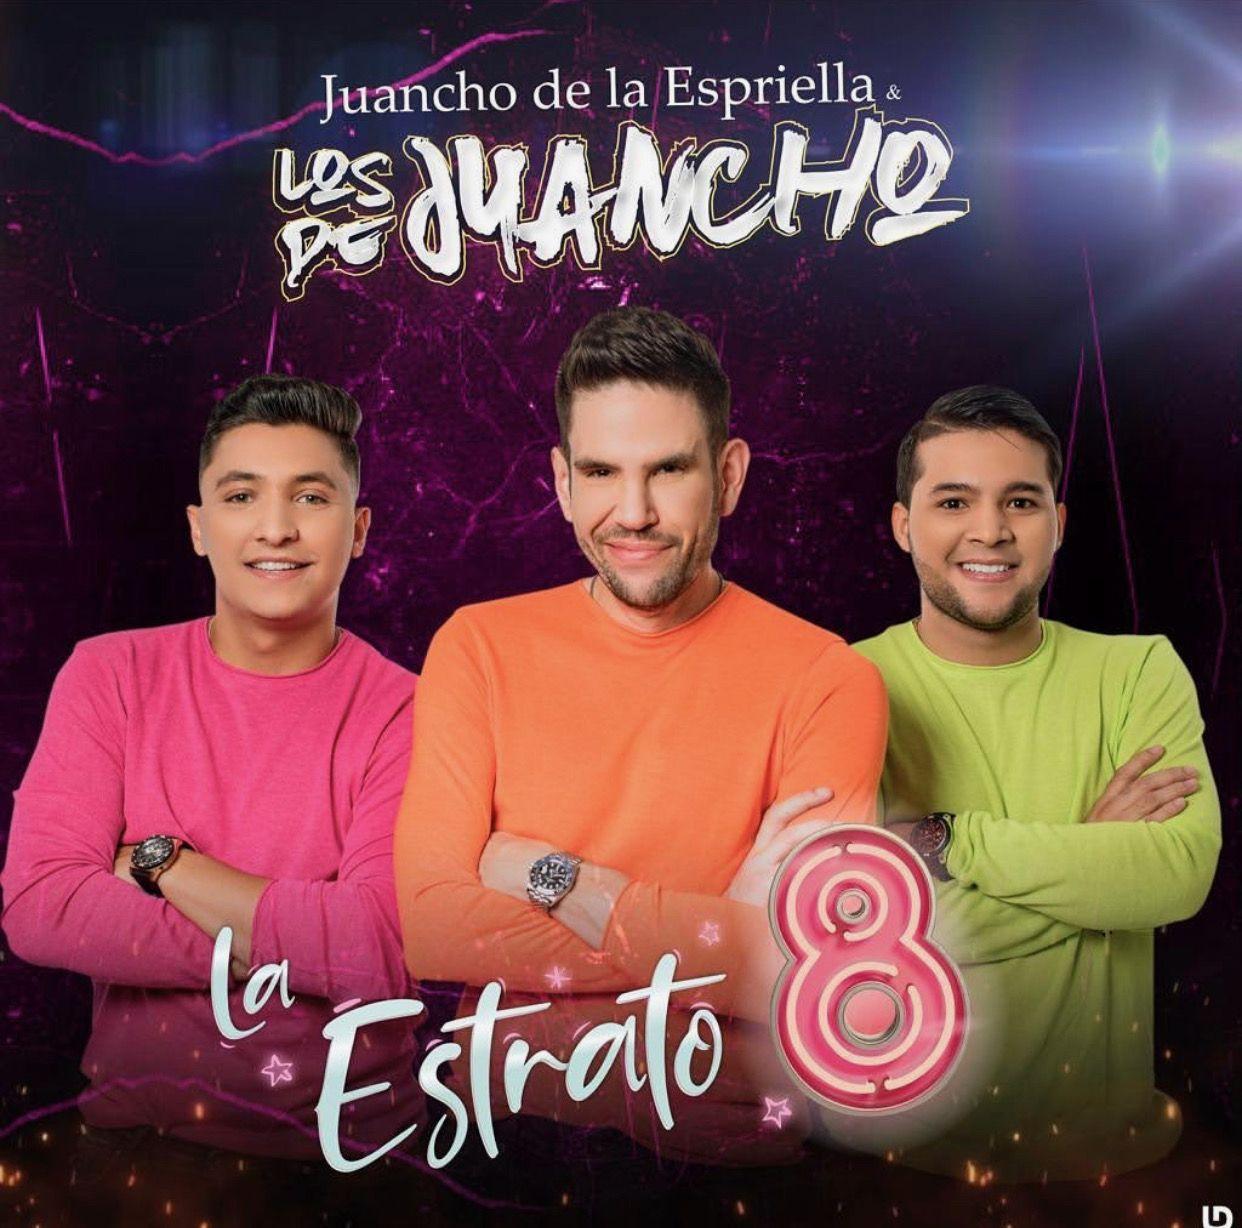 Los de Juancho - La estrato 8